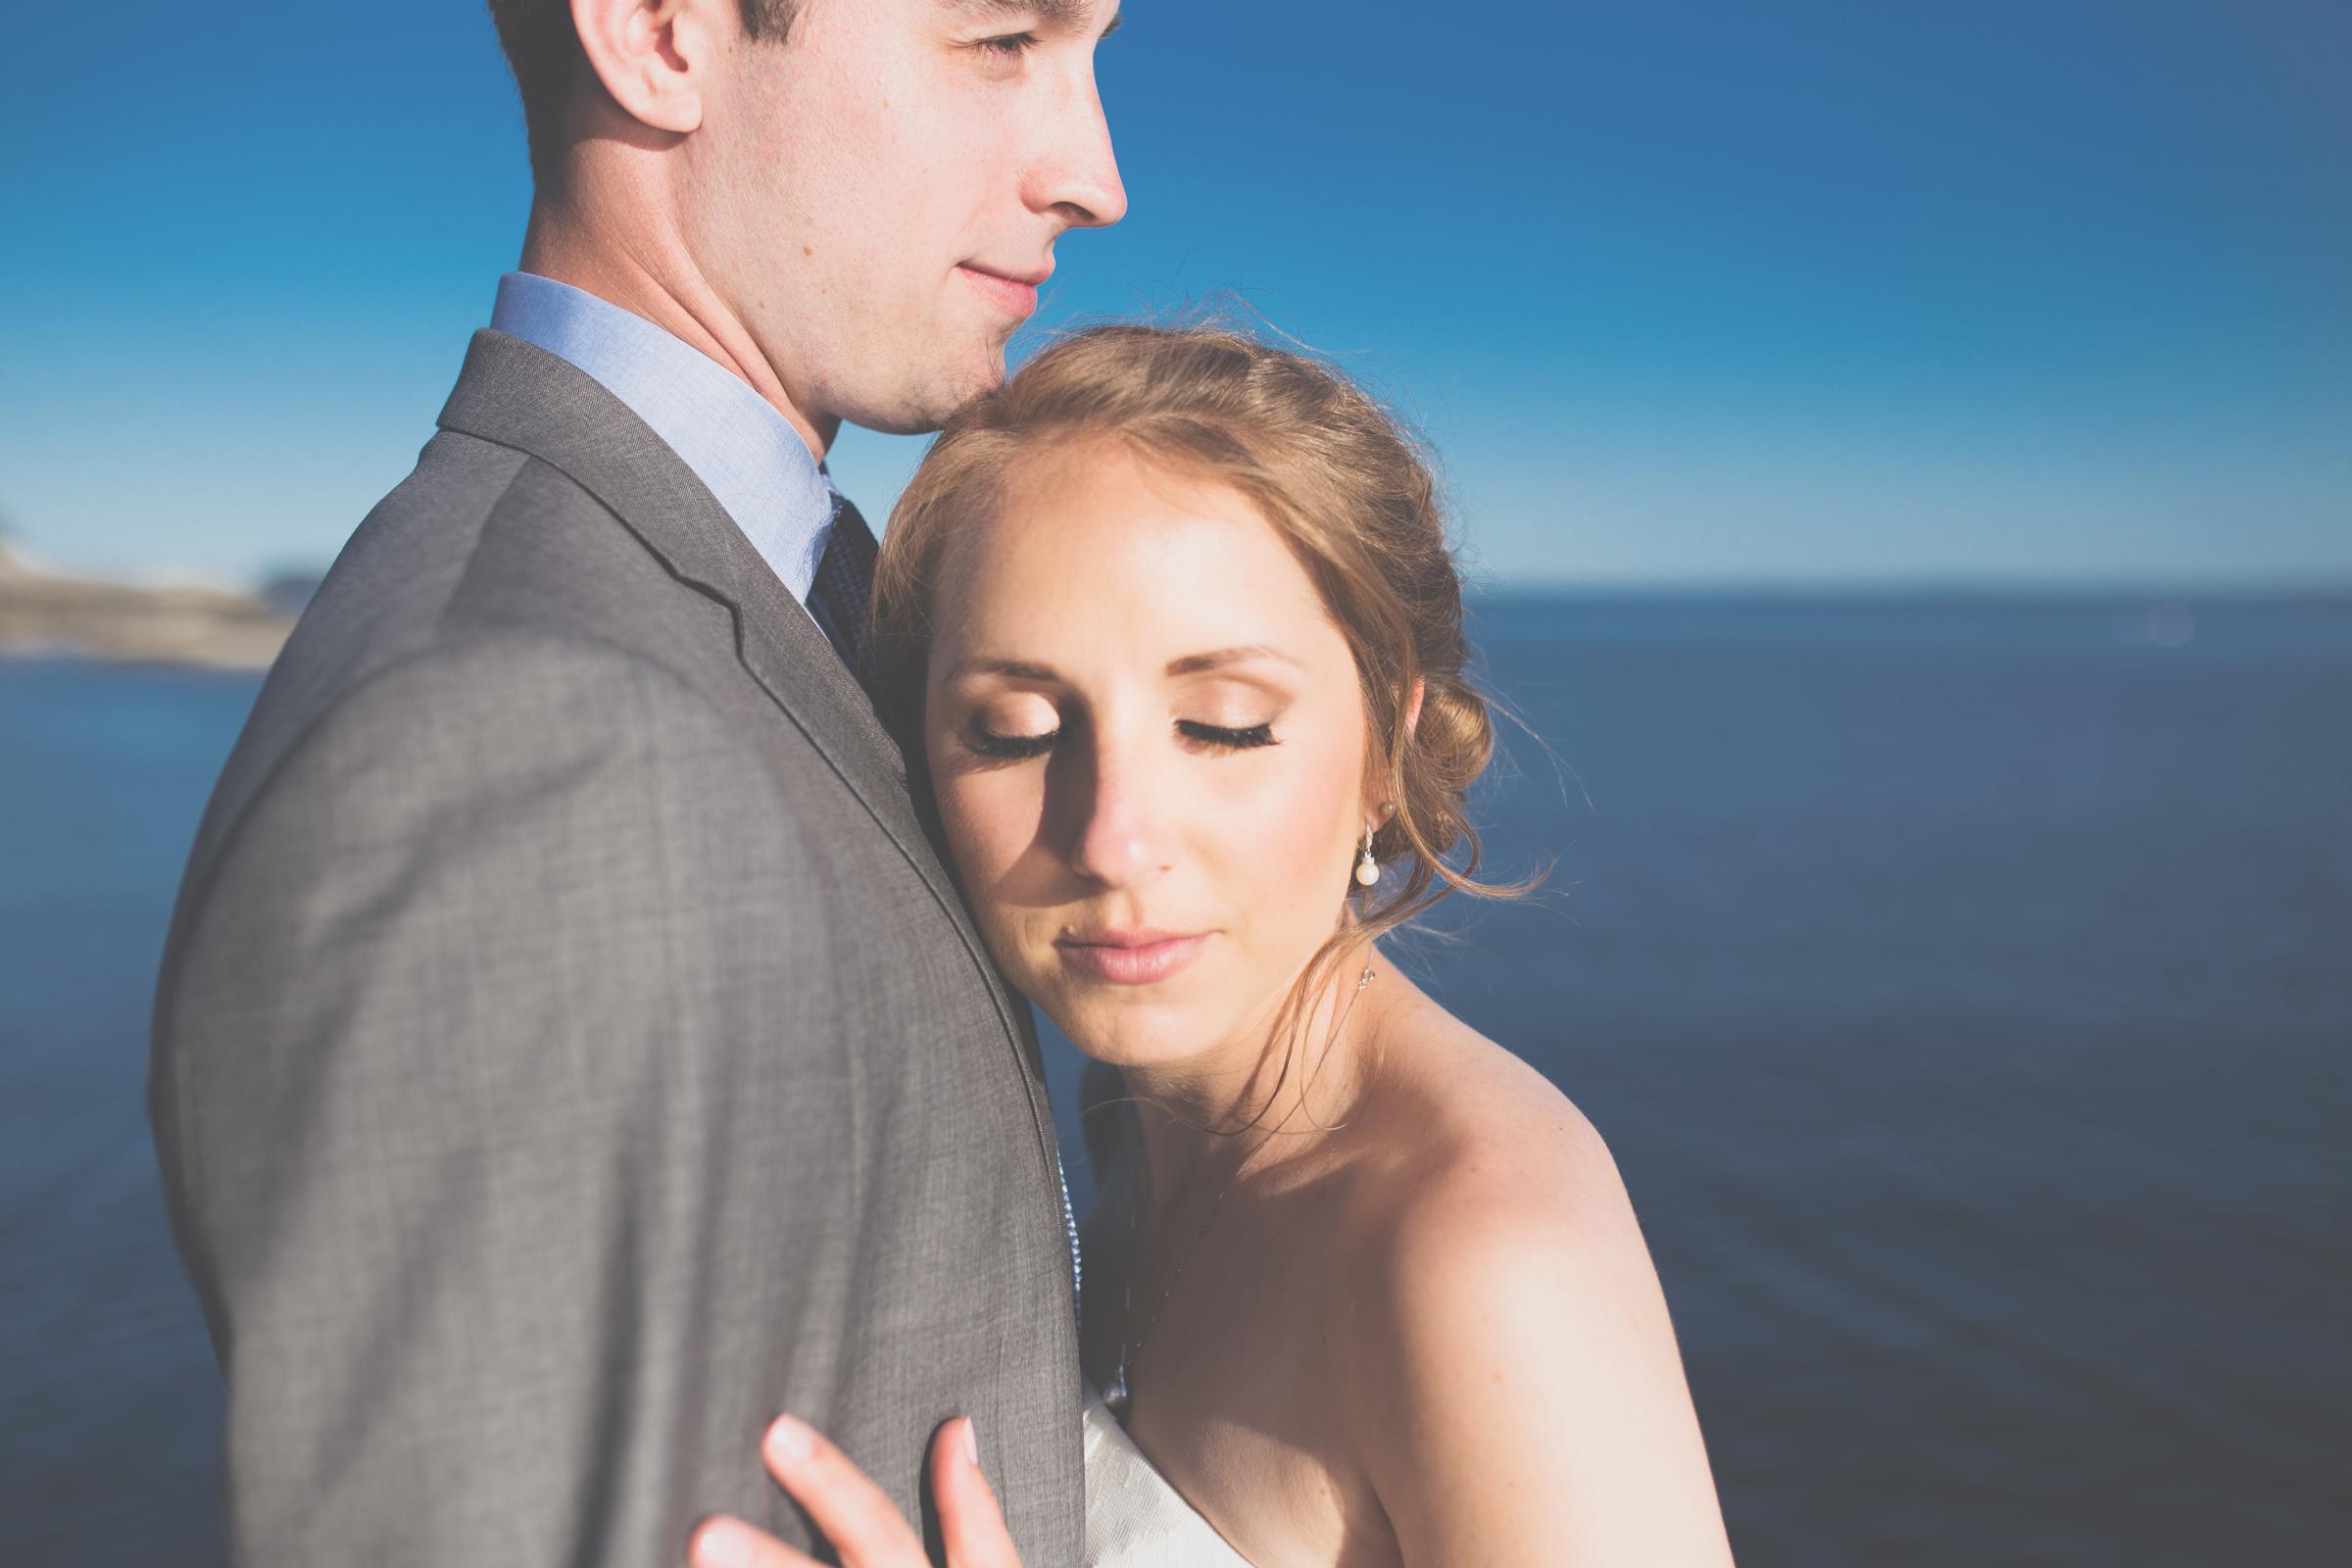 IMG_1390SUNSHINE-COAST-WEDDING-PHOTOGRAPHER-JENNIFER-PICARD-PHOTOGRAPHY.jpg